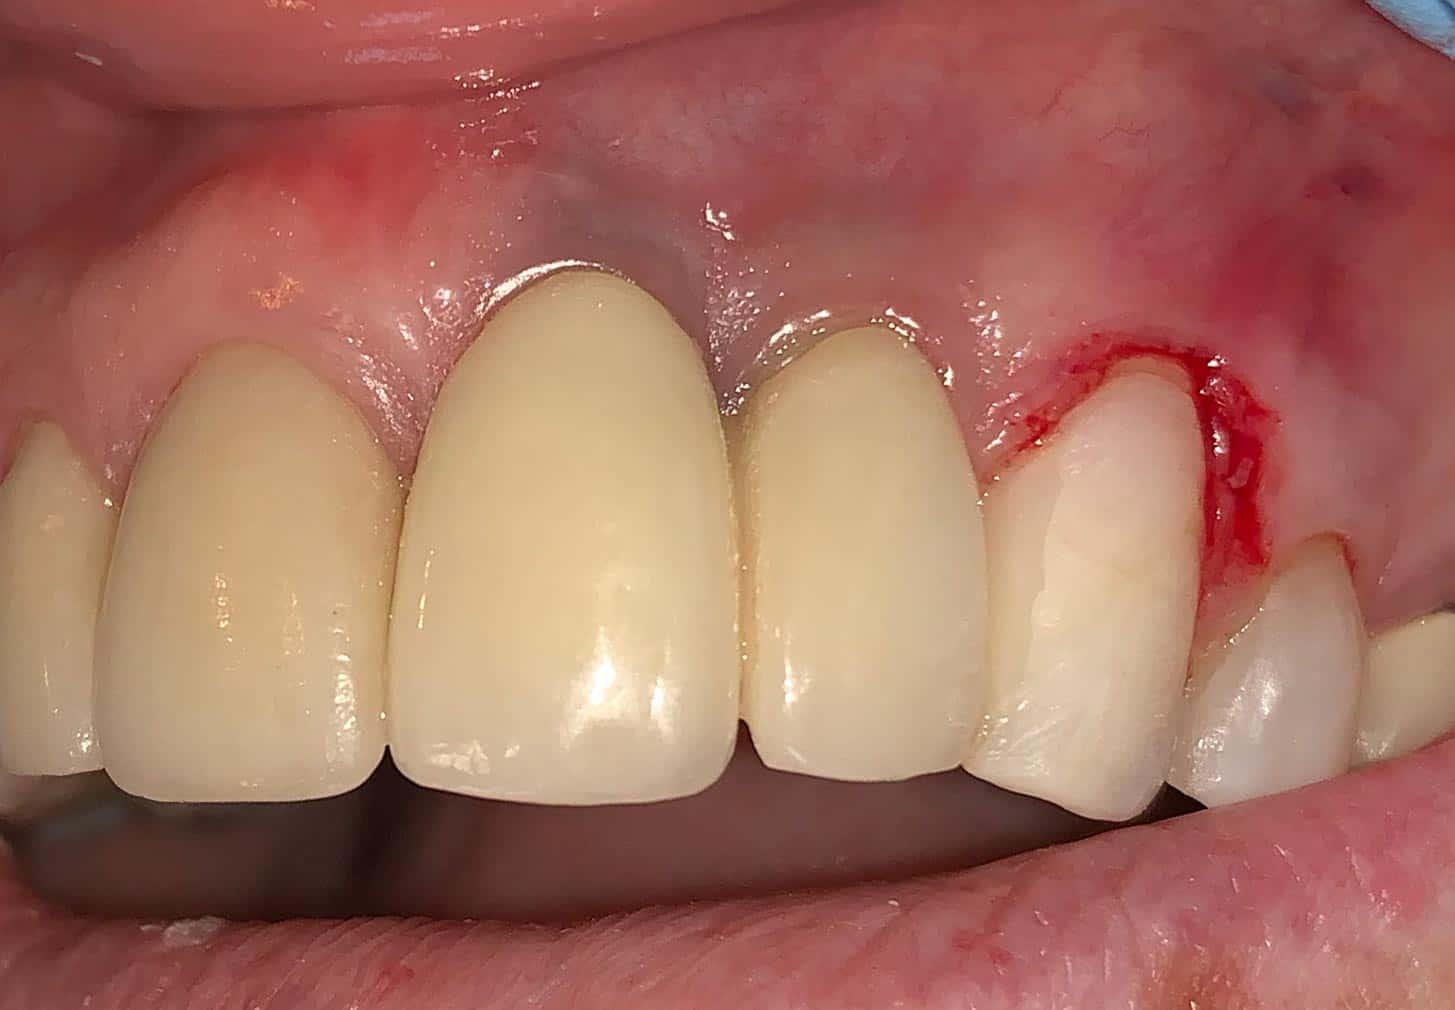 zirconia implants